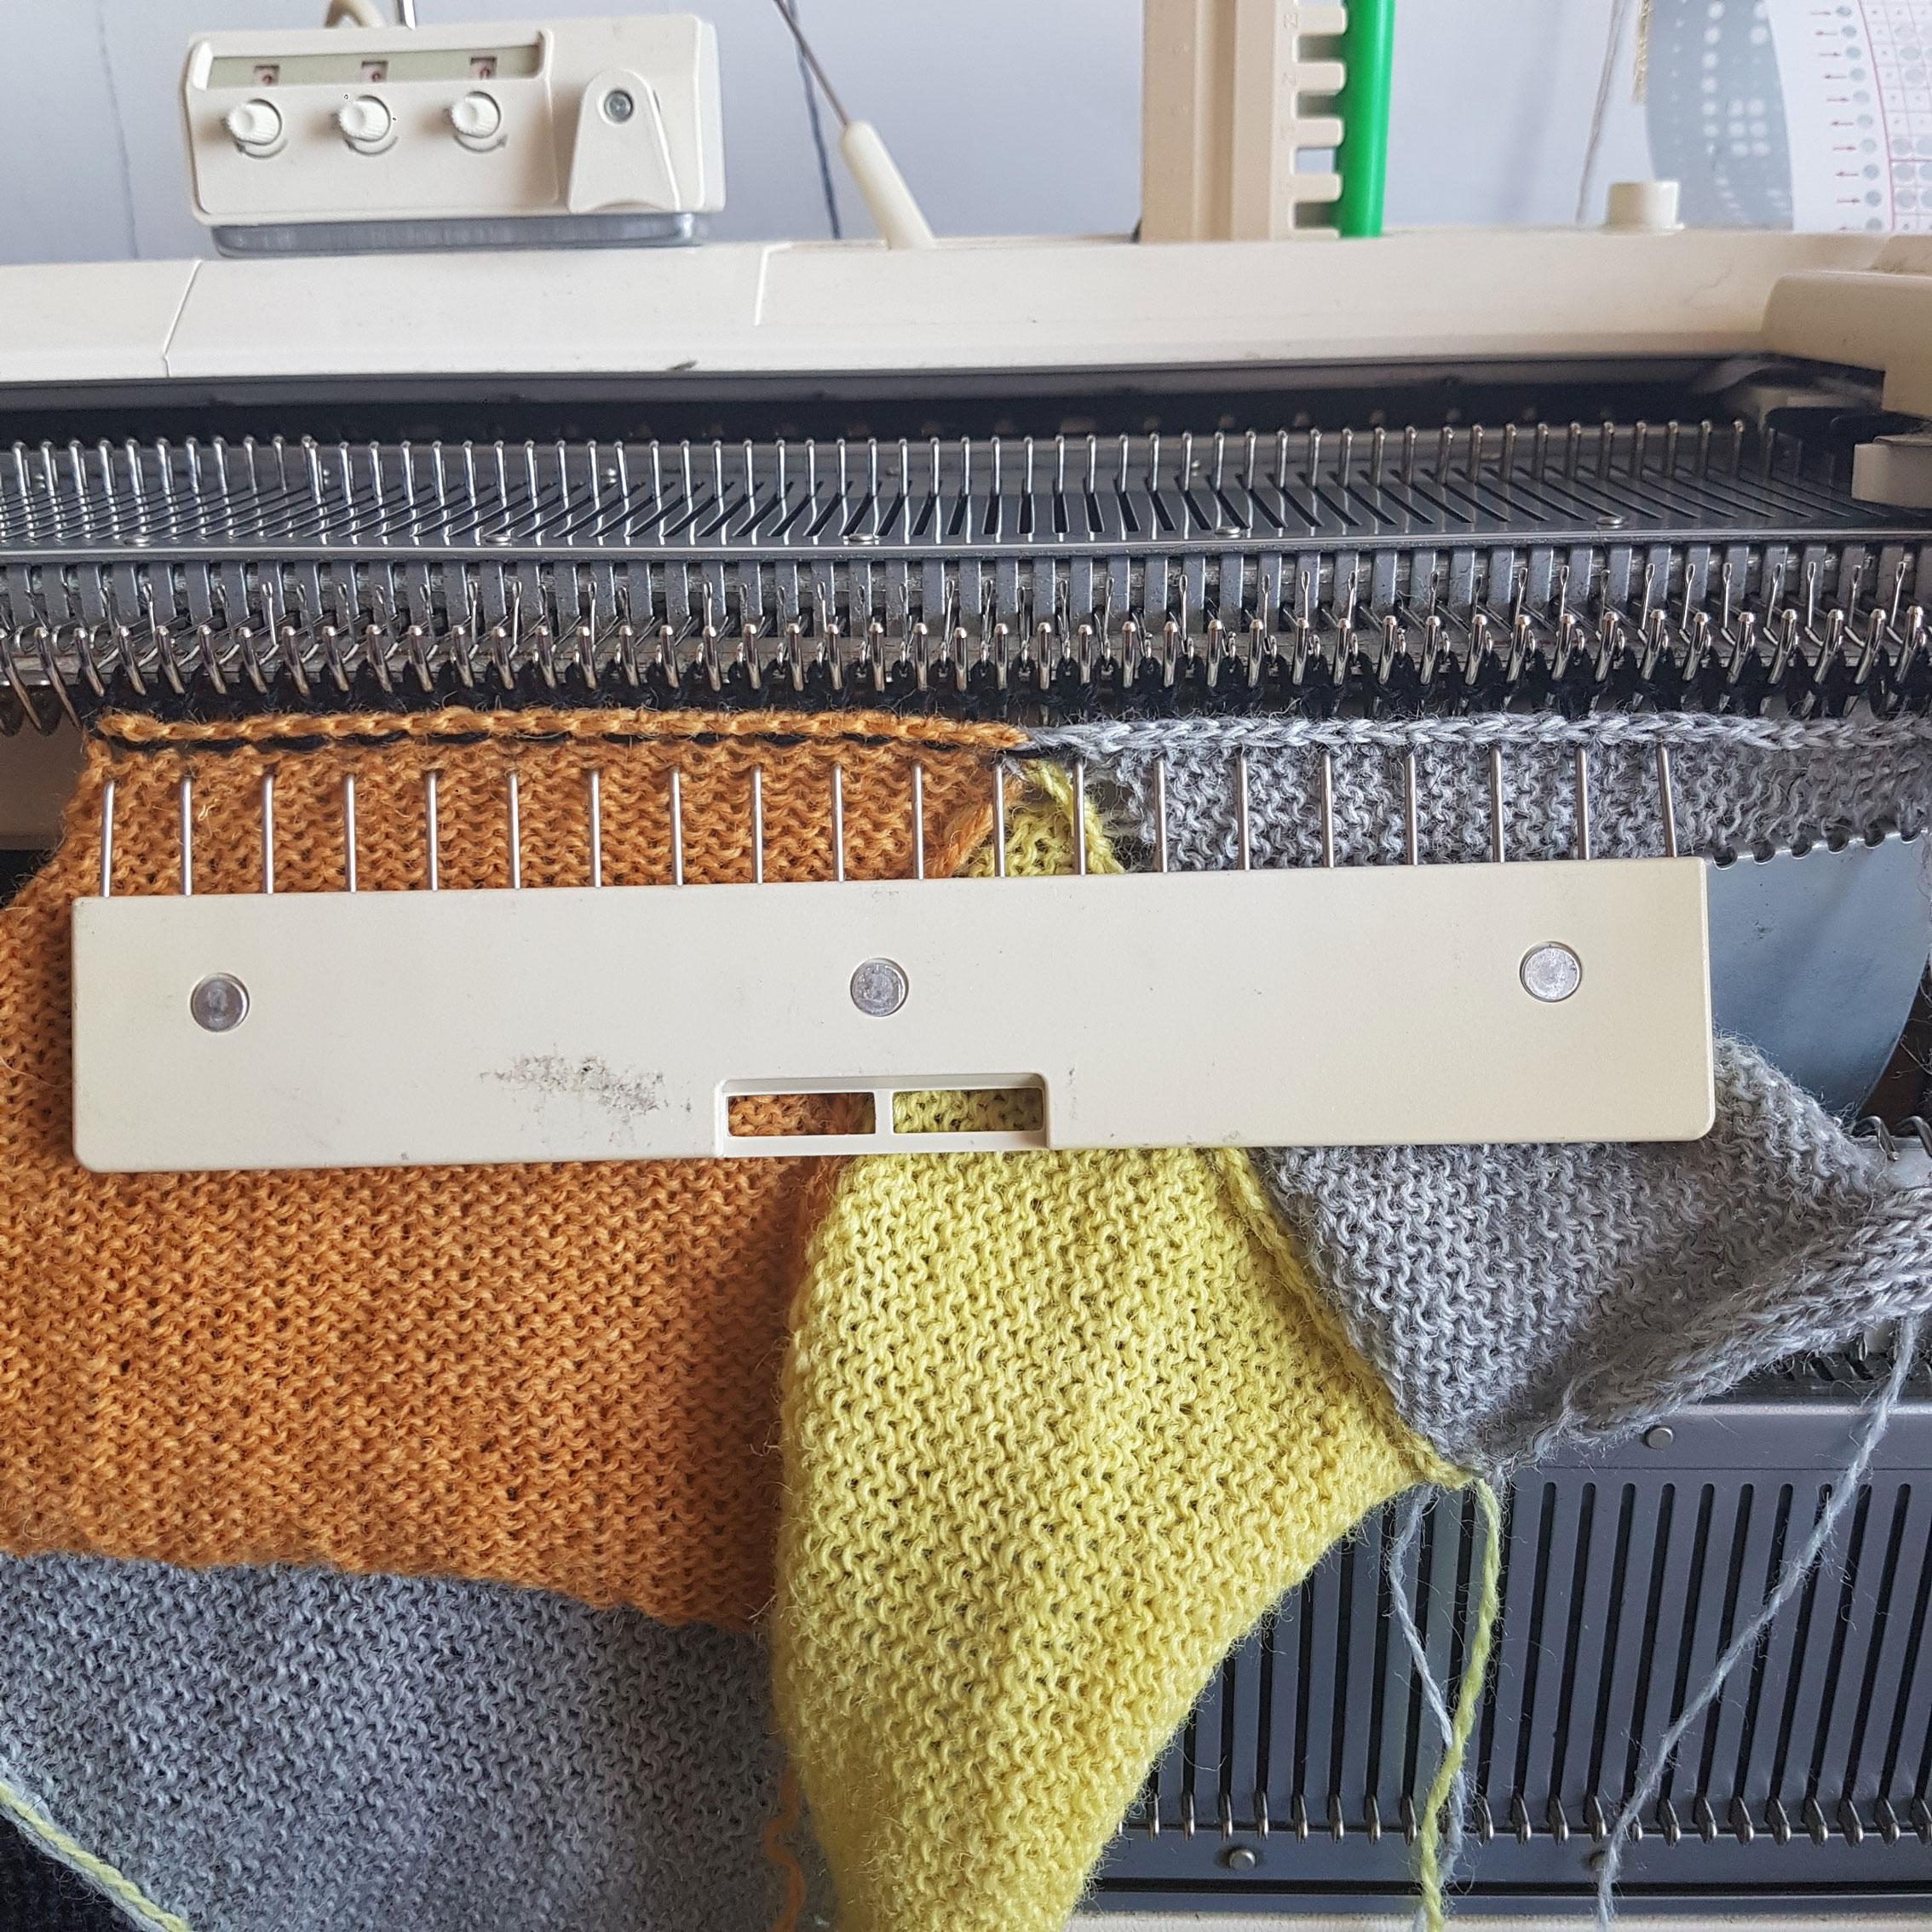 Burns, R. 2018.  Modular Machine Knitting 1 . Photograph.